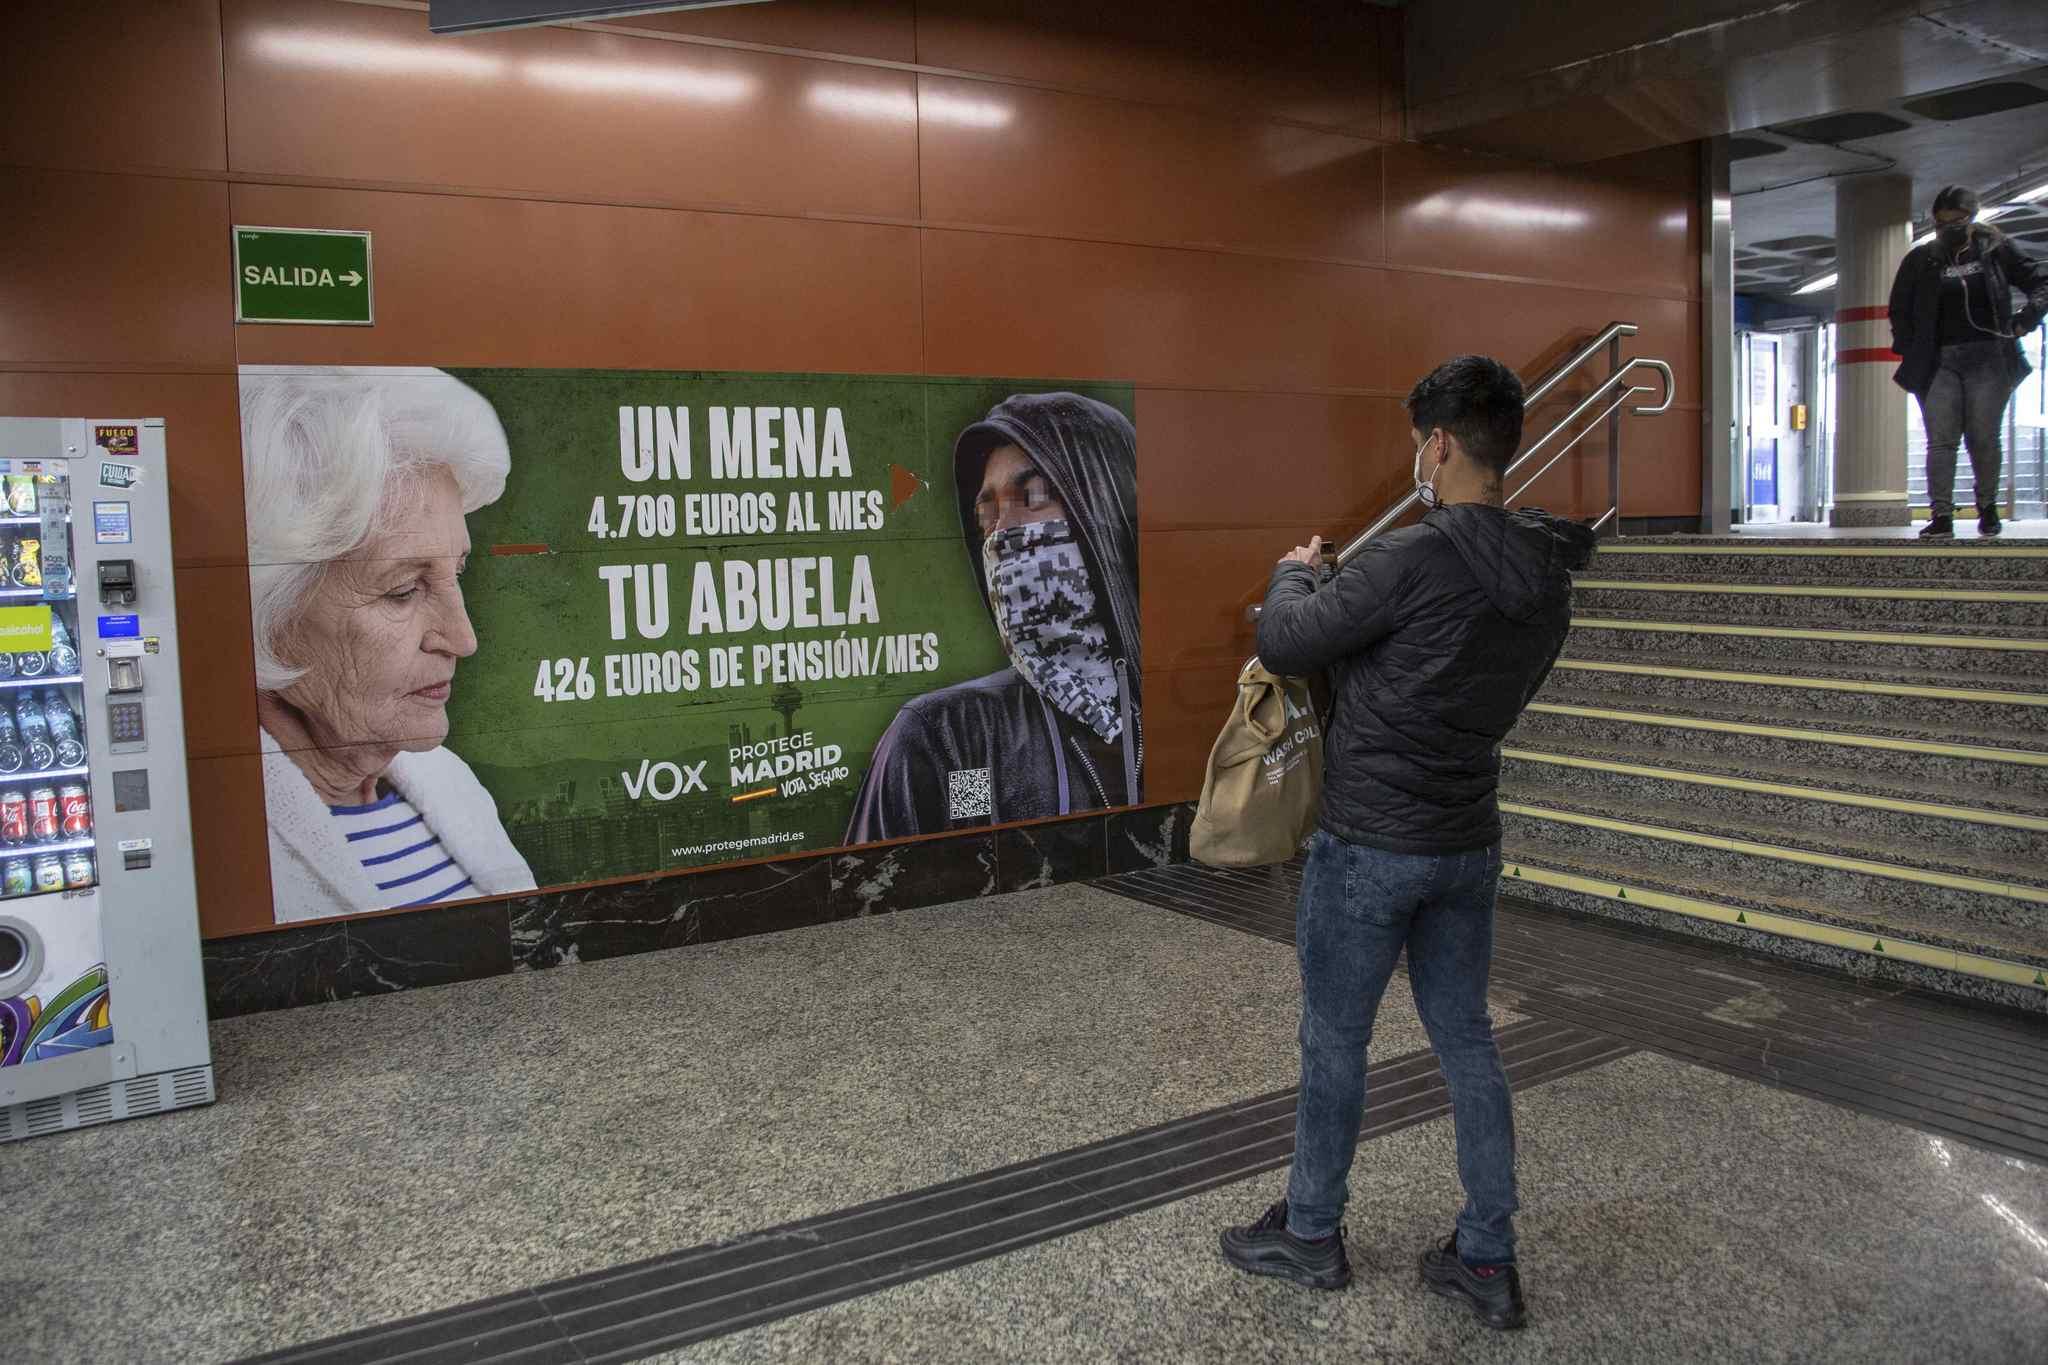 El cartel electoral de Vox, en el Metro de Madrid.